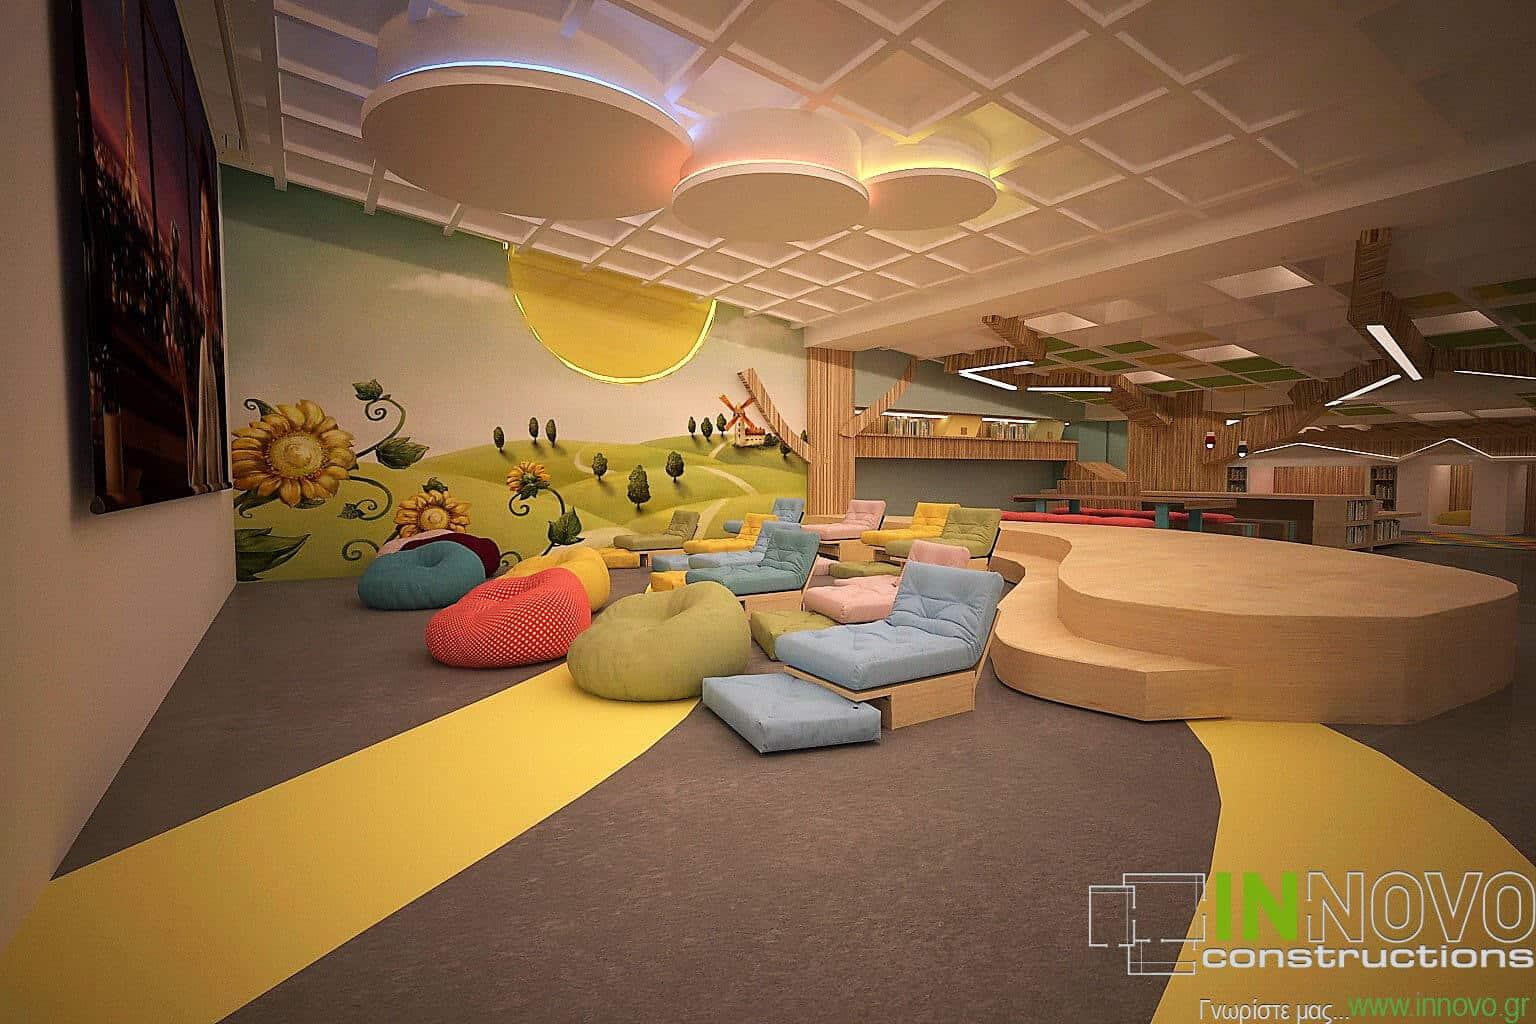 Μελέτη κατασκευής χώρου παιδικών πάρτι στην Κηφισιά